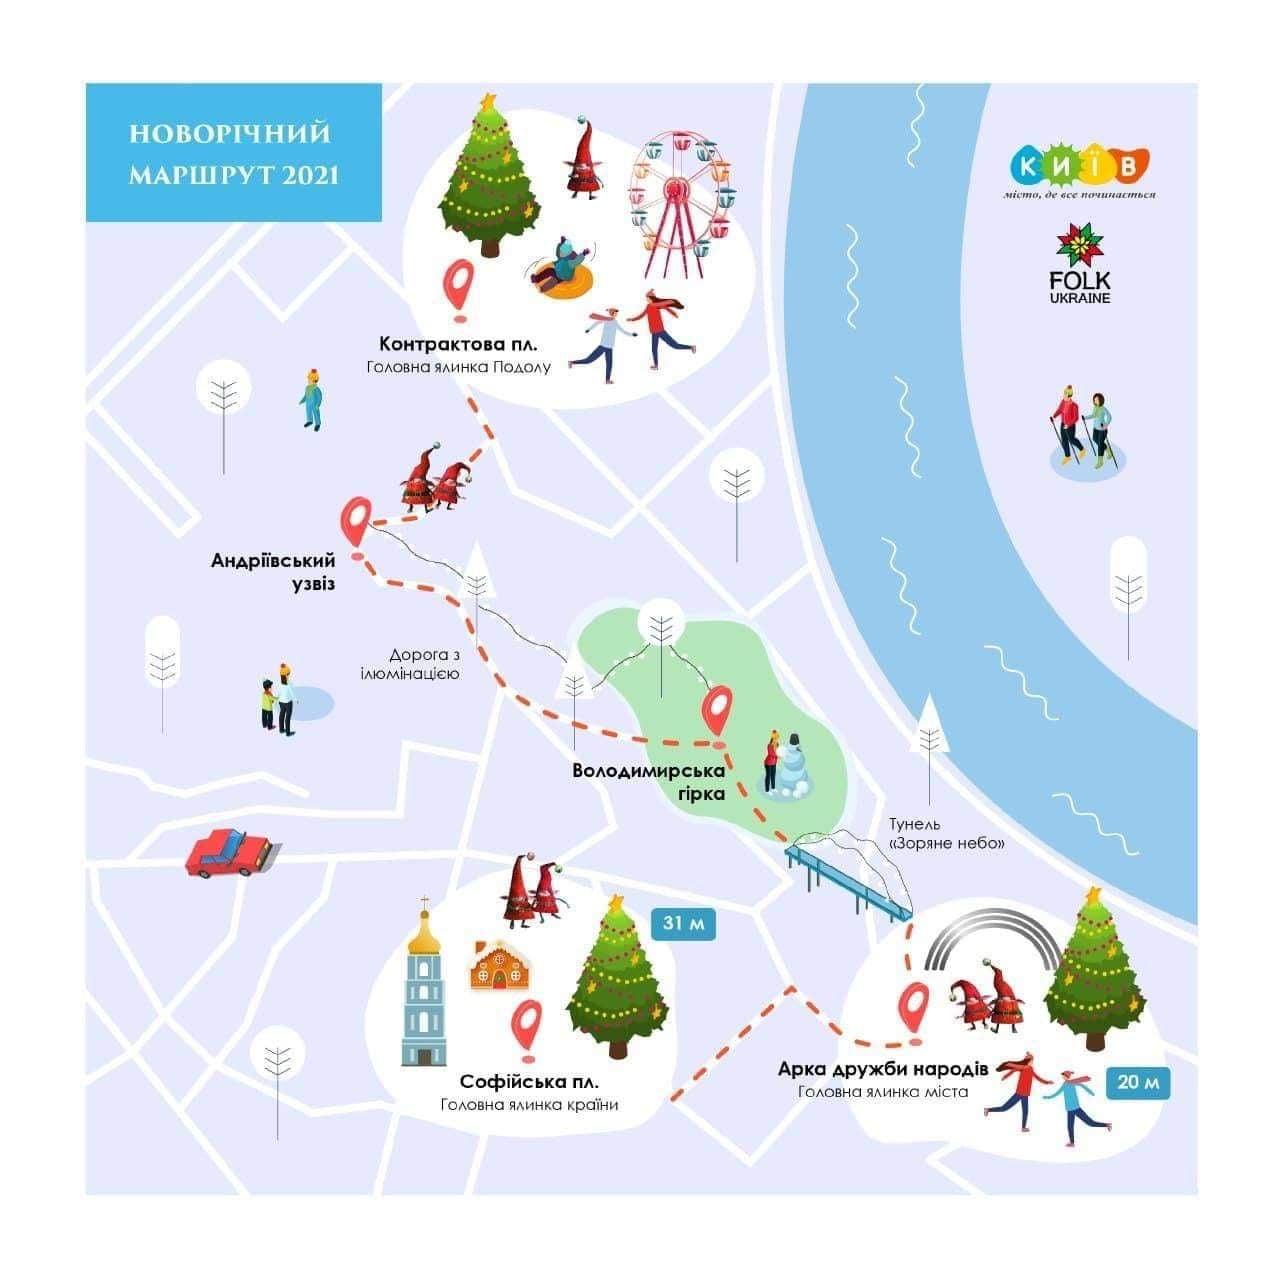 Новорічна столиця: якими маршрутами гулятимуть кияни - новорічні свята, новорічна ялинка, маршрут - 130048326 3358671047589642 4565952574805163647 o